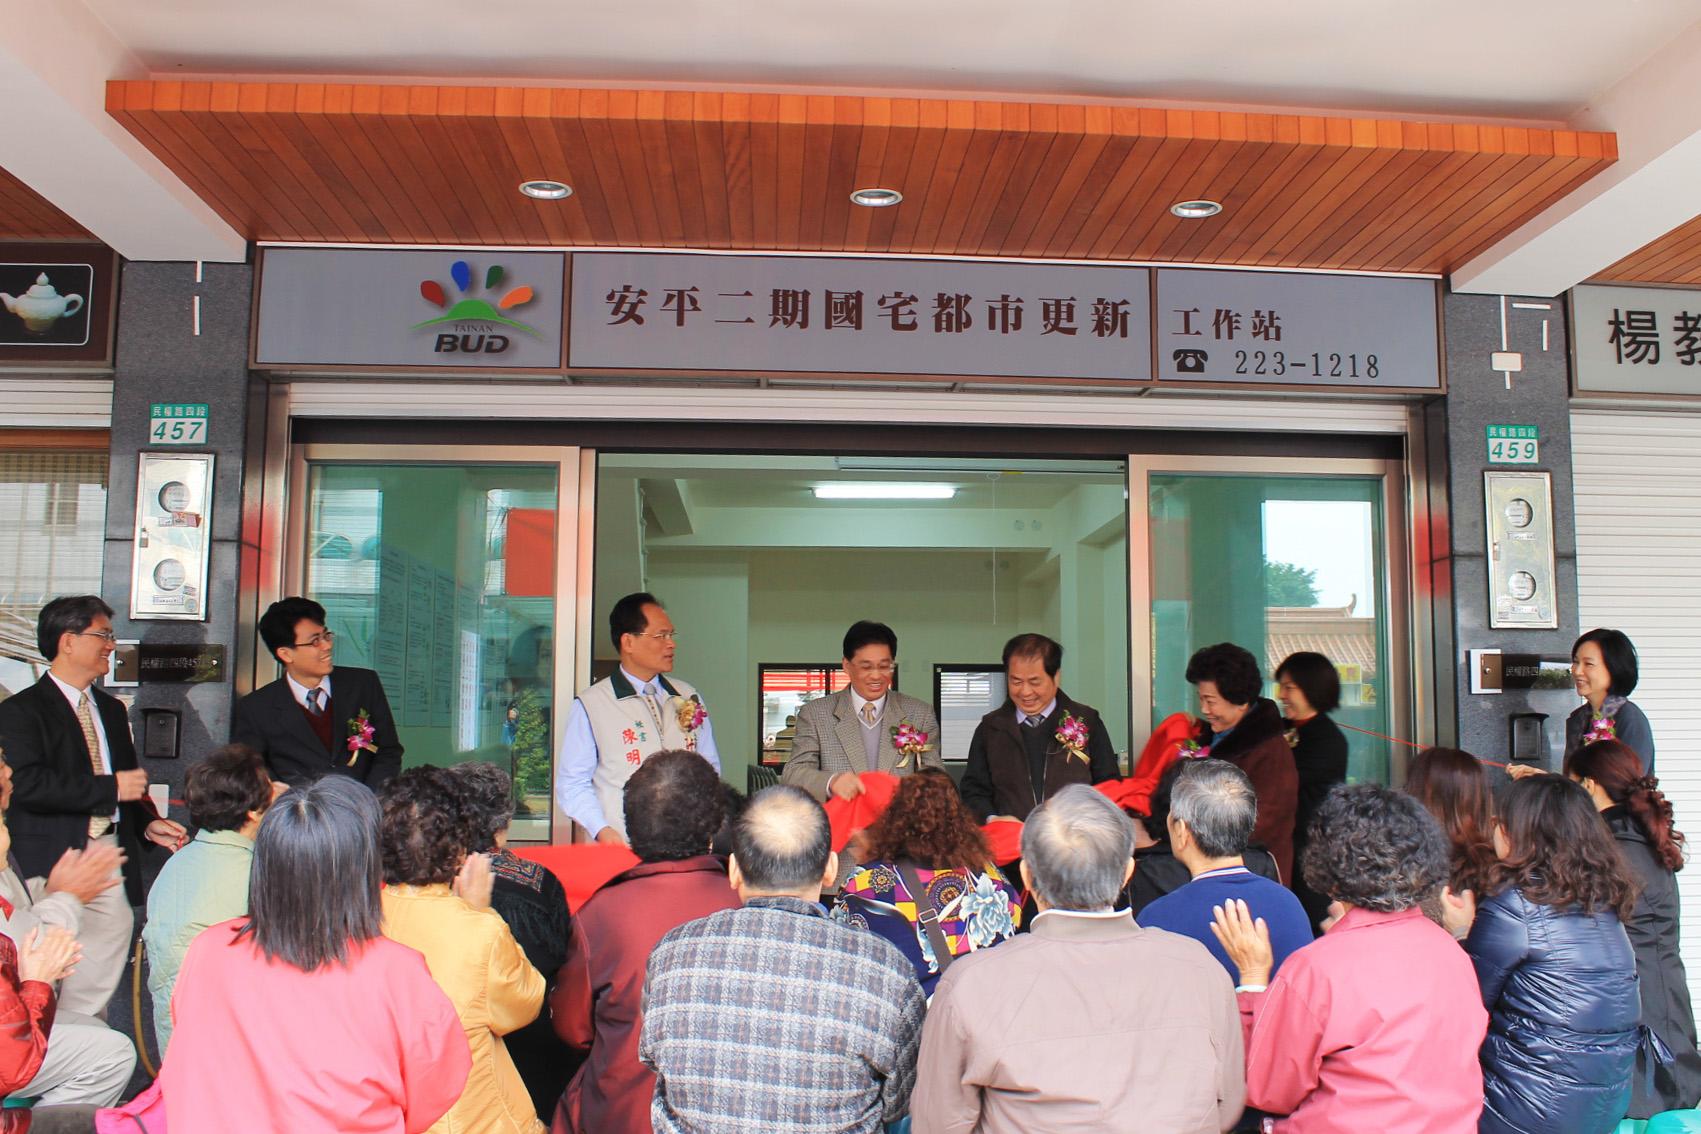 「臺南市安平二期國宅都市更新事業執行計畫」案專業整合團隊進駐設立更新工作站  0